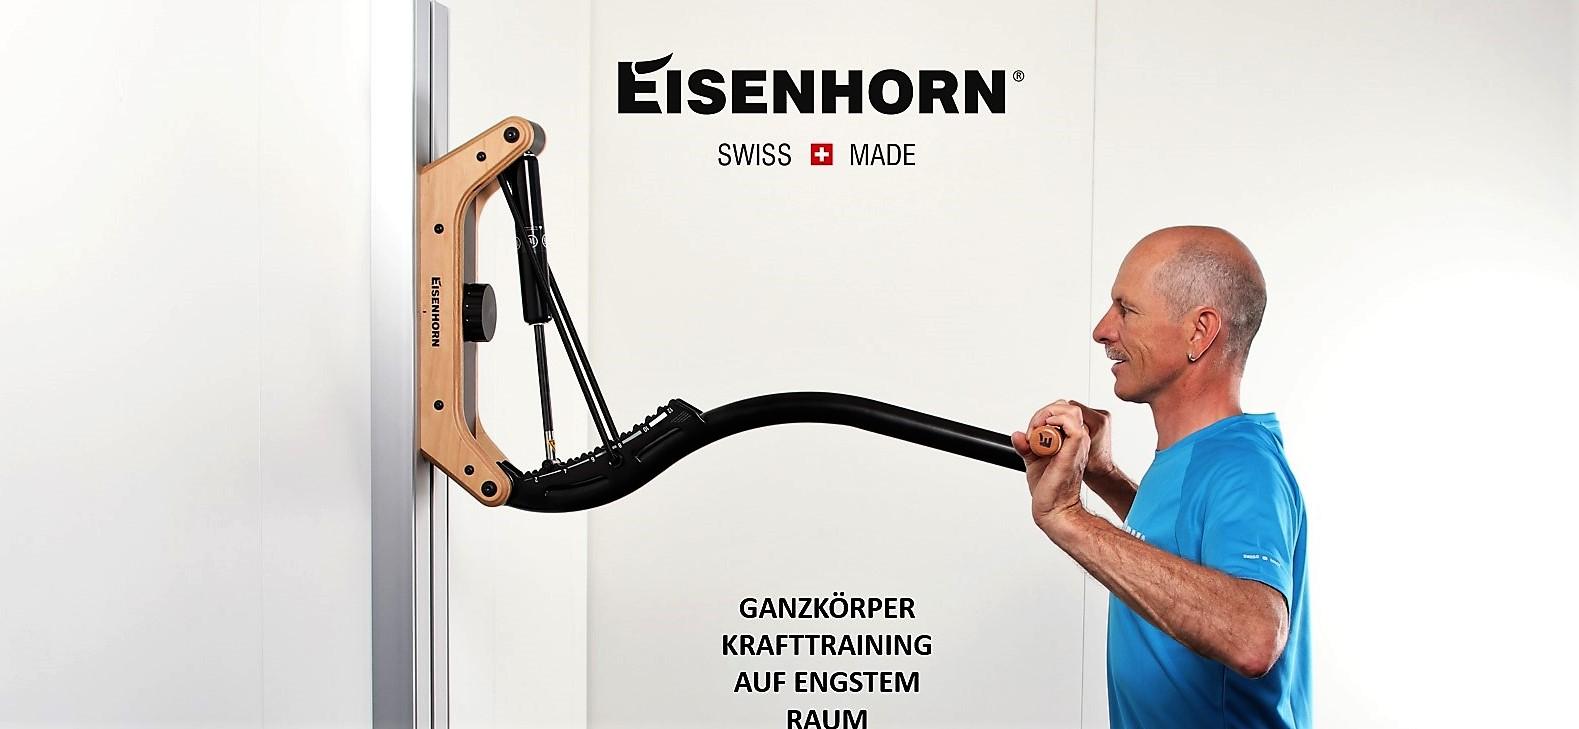 Eisenhorn MVG Ganzkörper Krafttraining